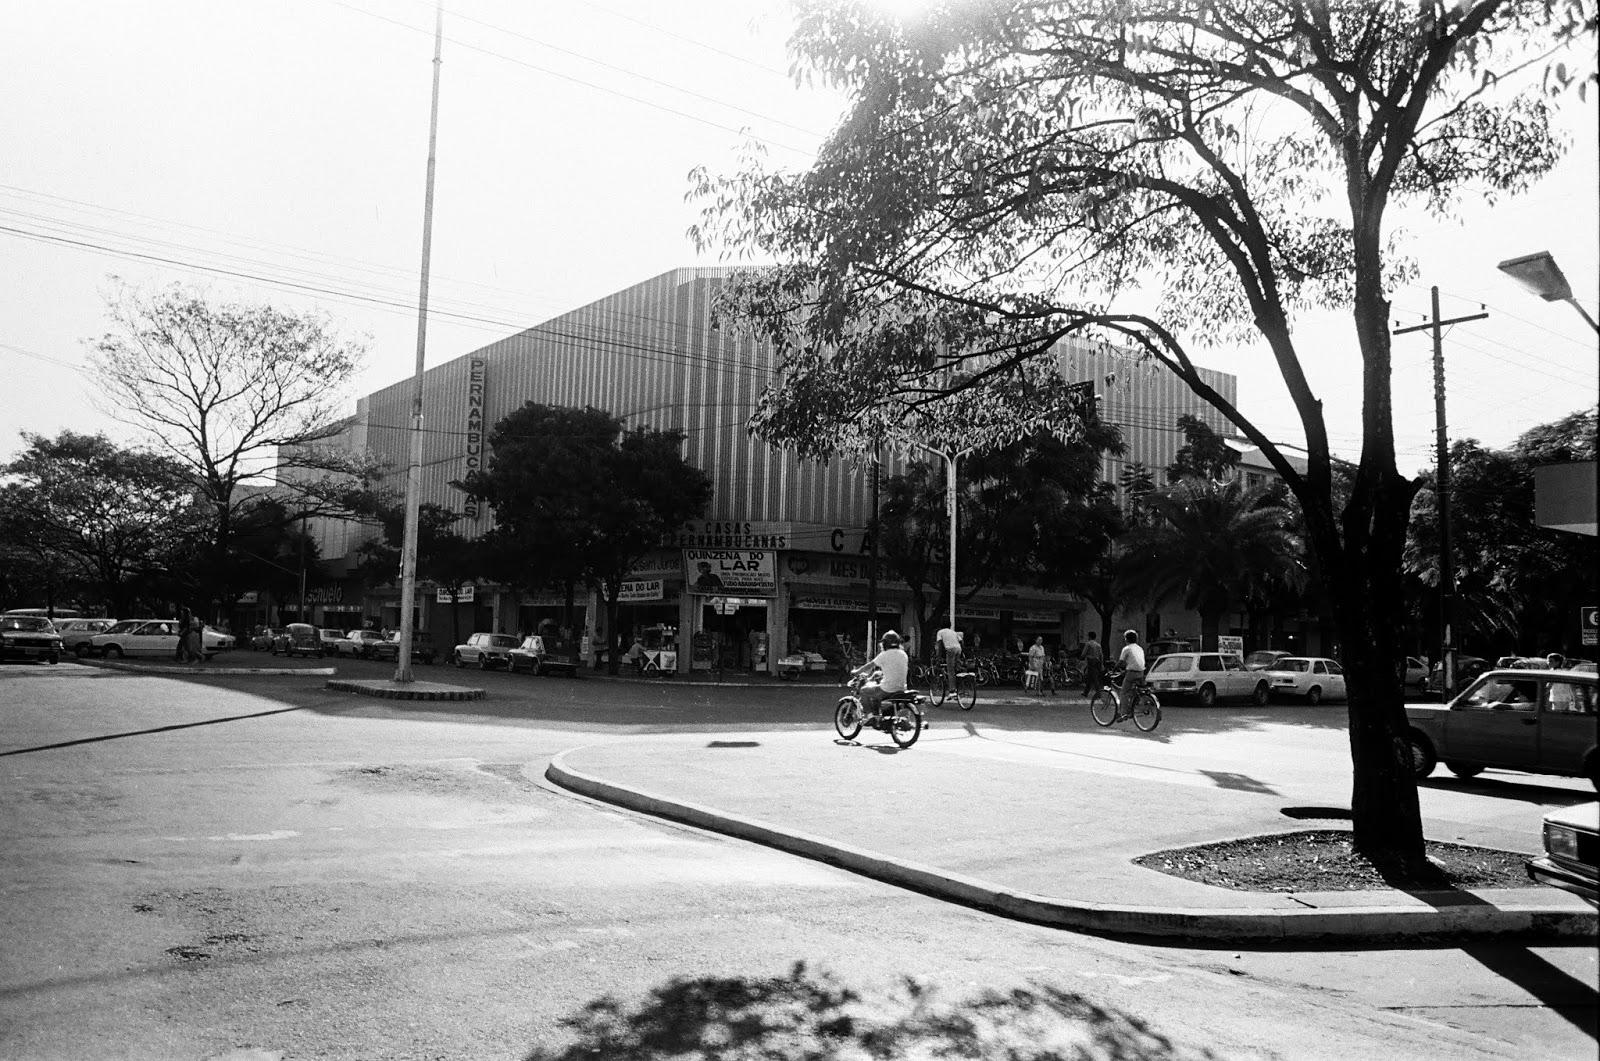 Avenida Brasil - Final dos anos 1980